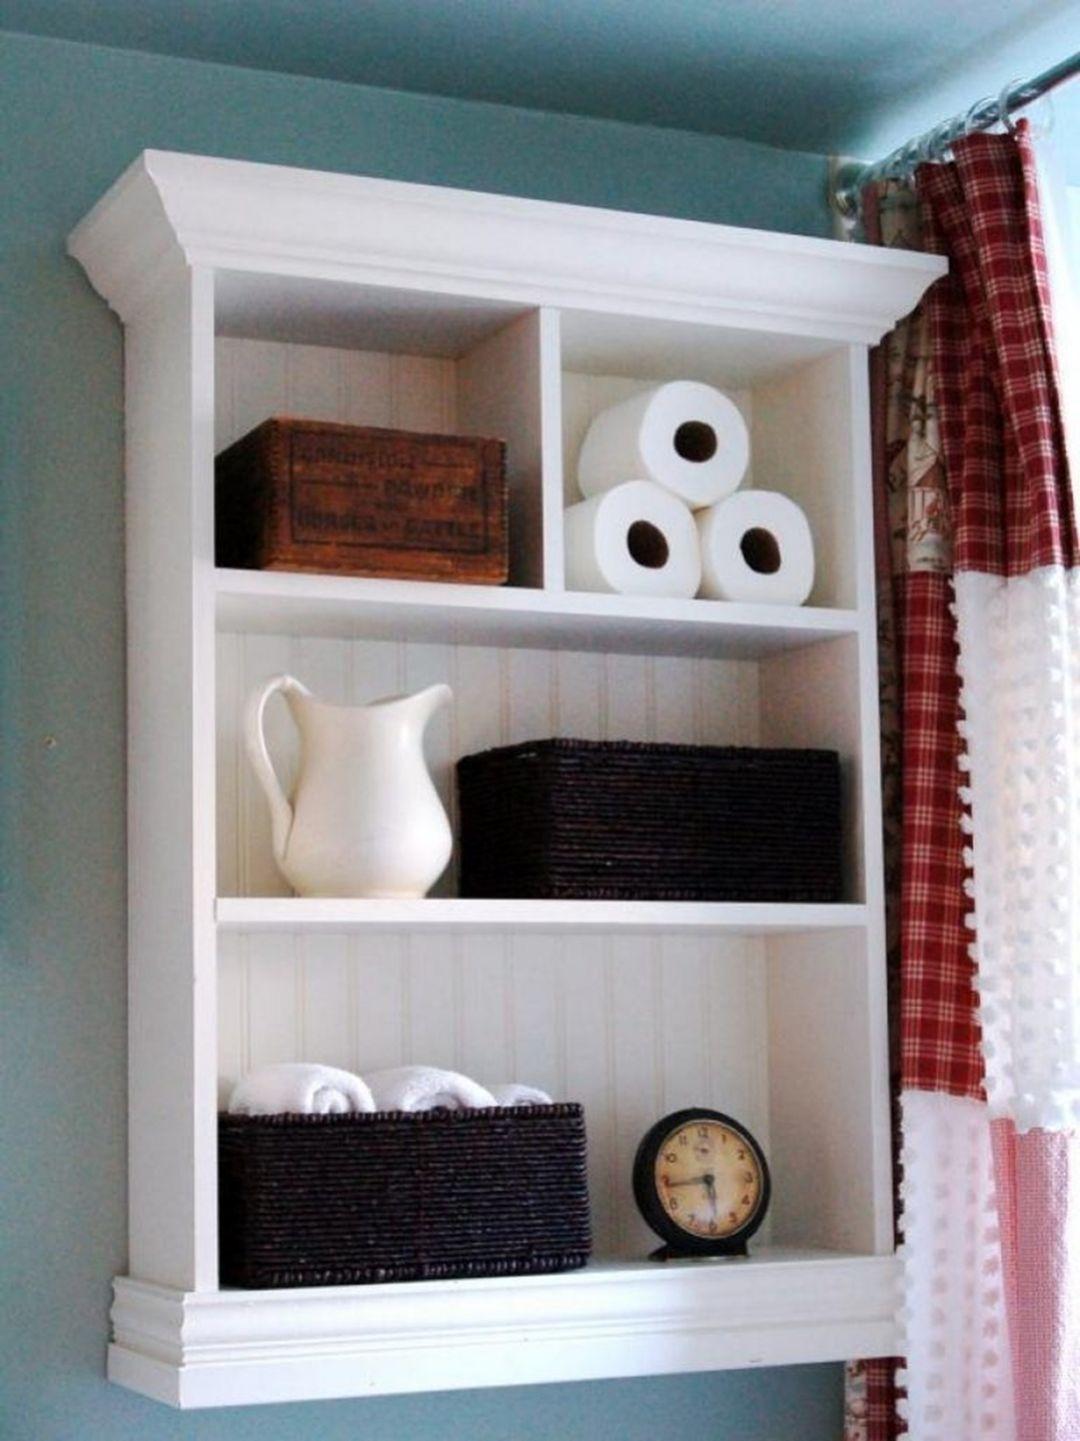 Extraordinary 15+ Easy DIY Bathroom Shelves Ideas To Increase Your Bathroom Storage